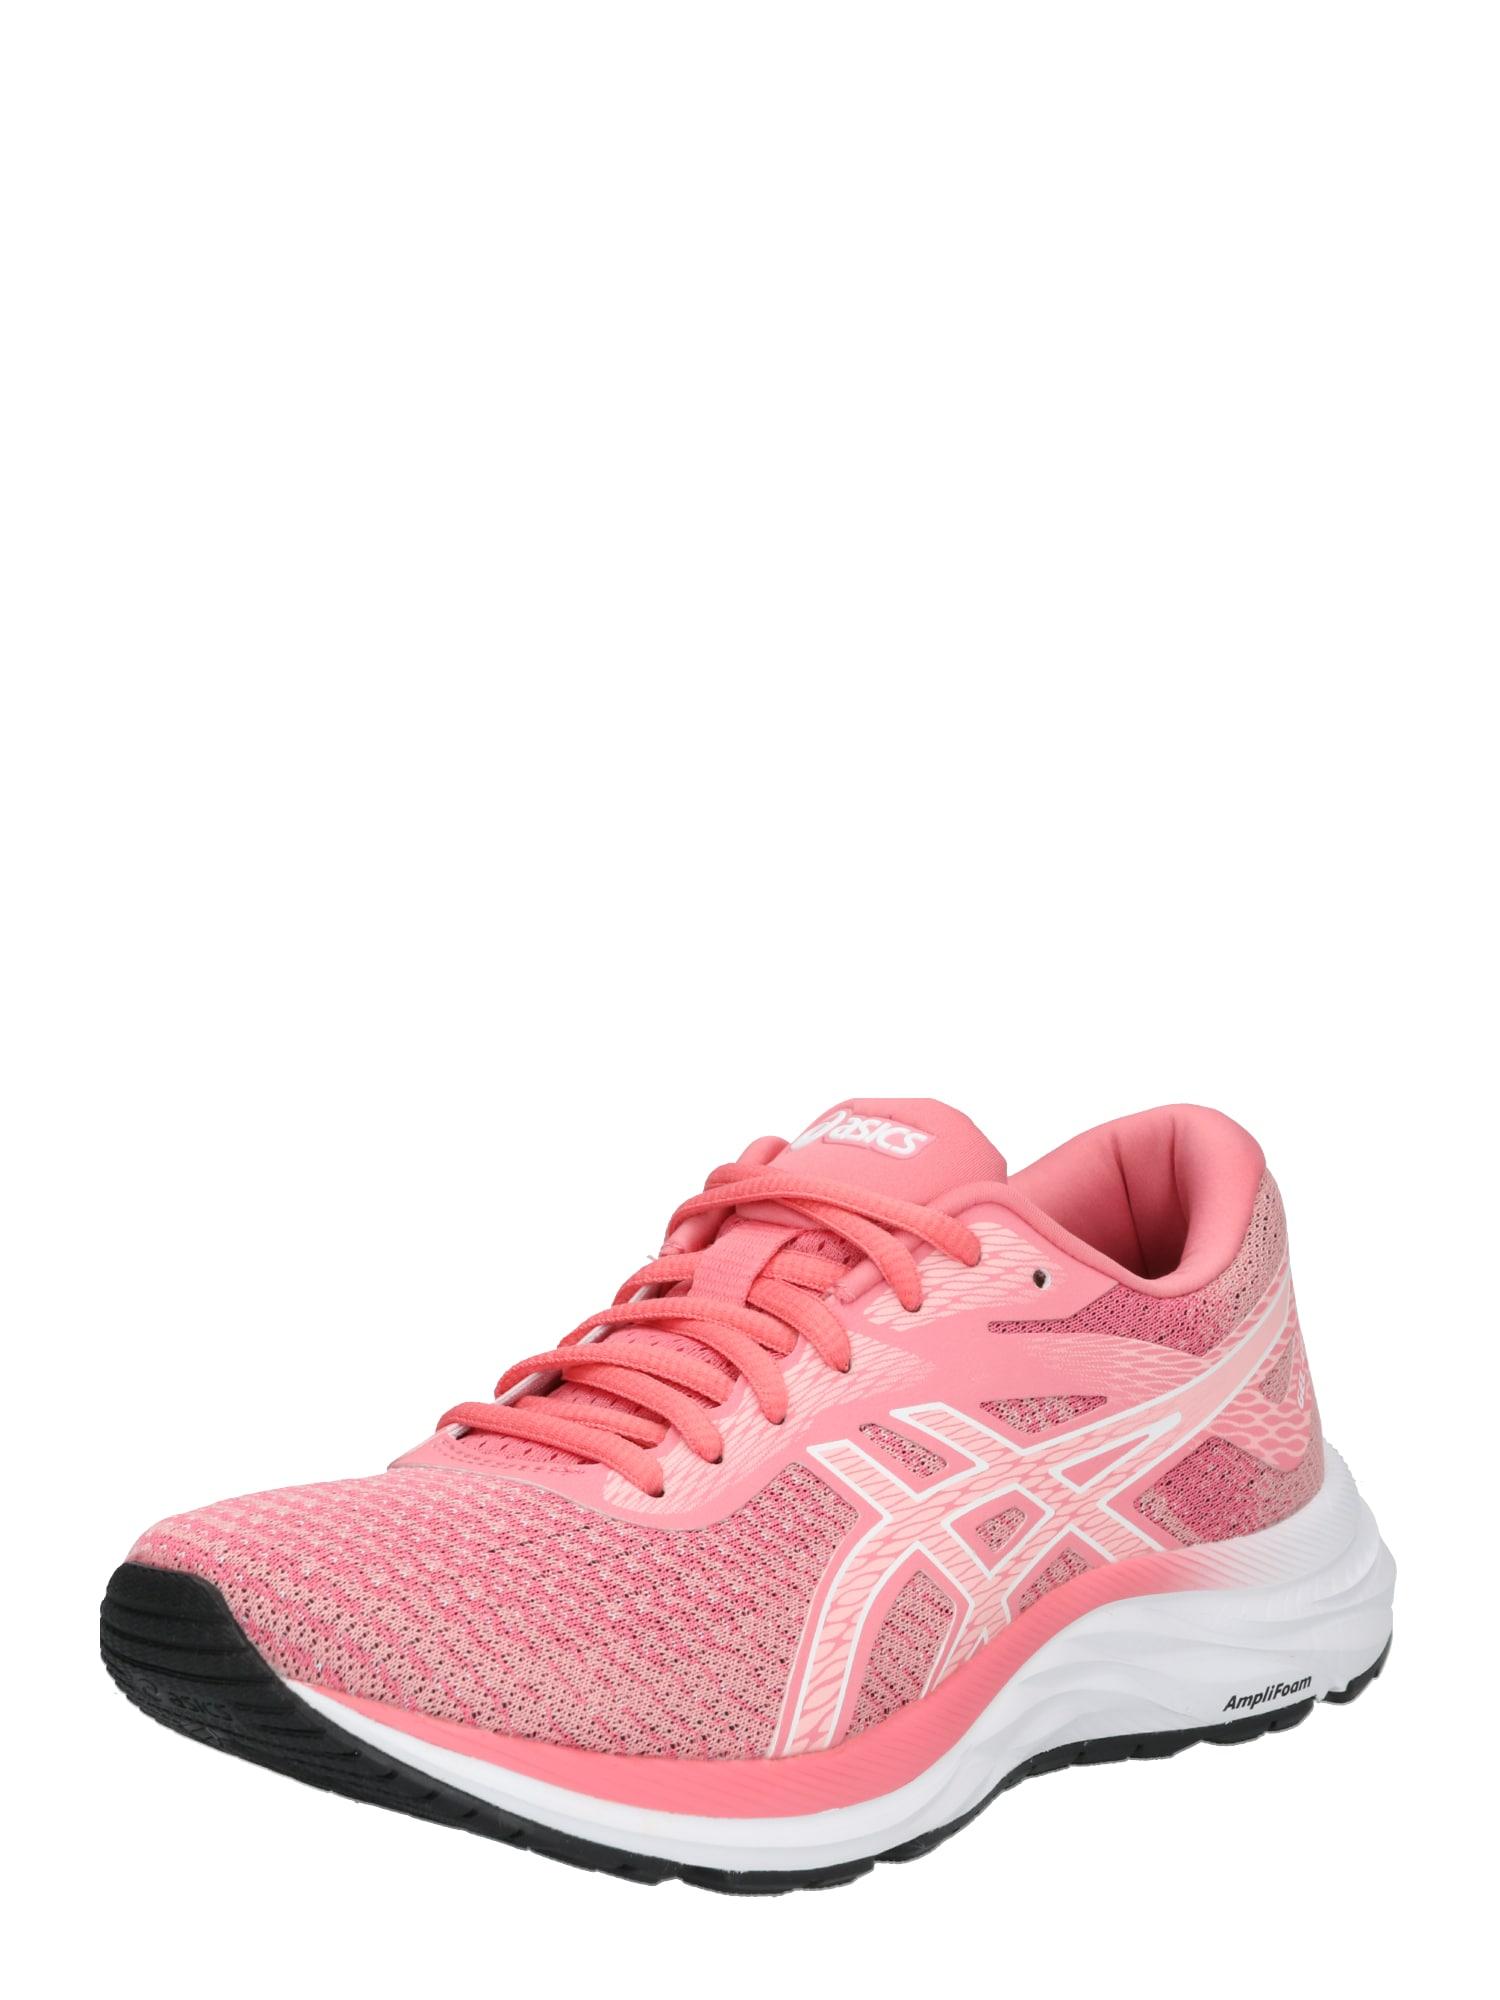 Běžecká obuv GEL-EXCITE 6 TWIST růžová bílá ASICS